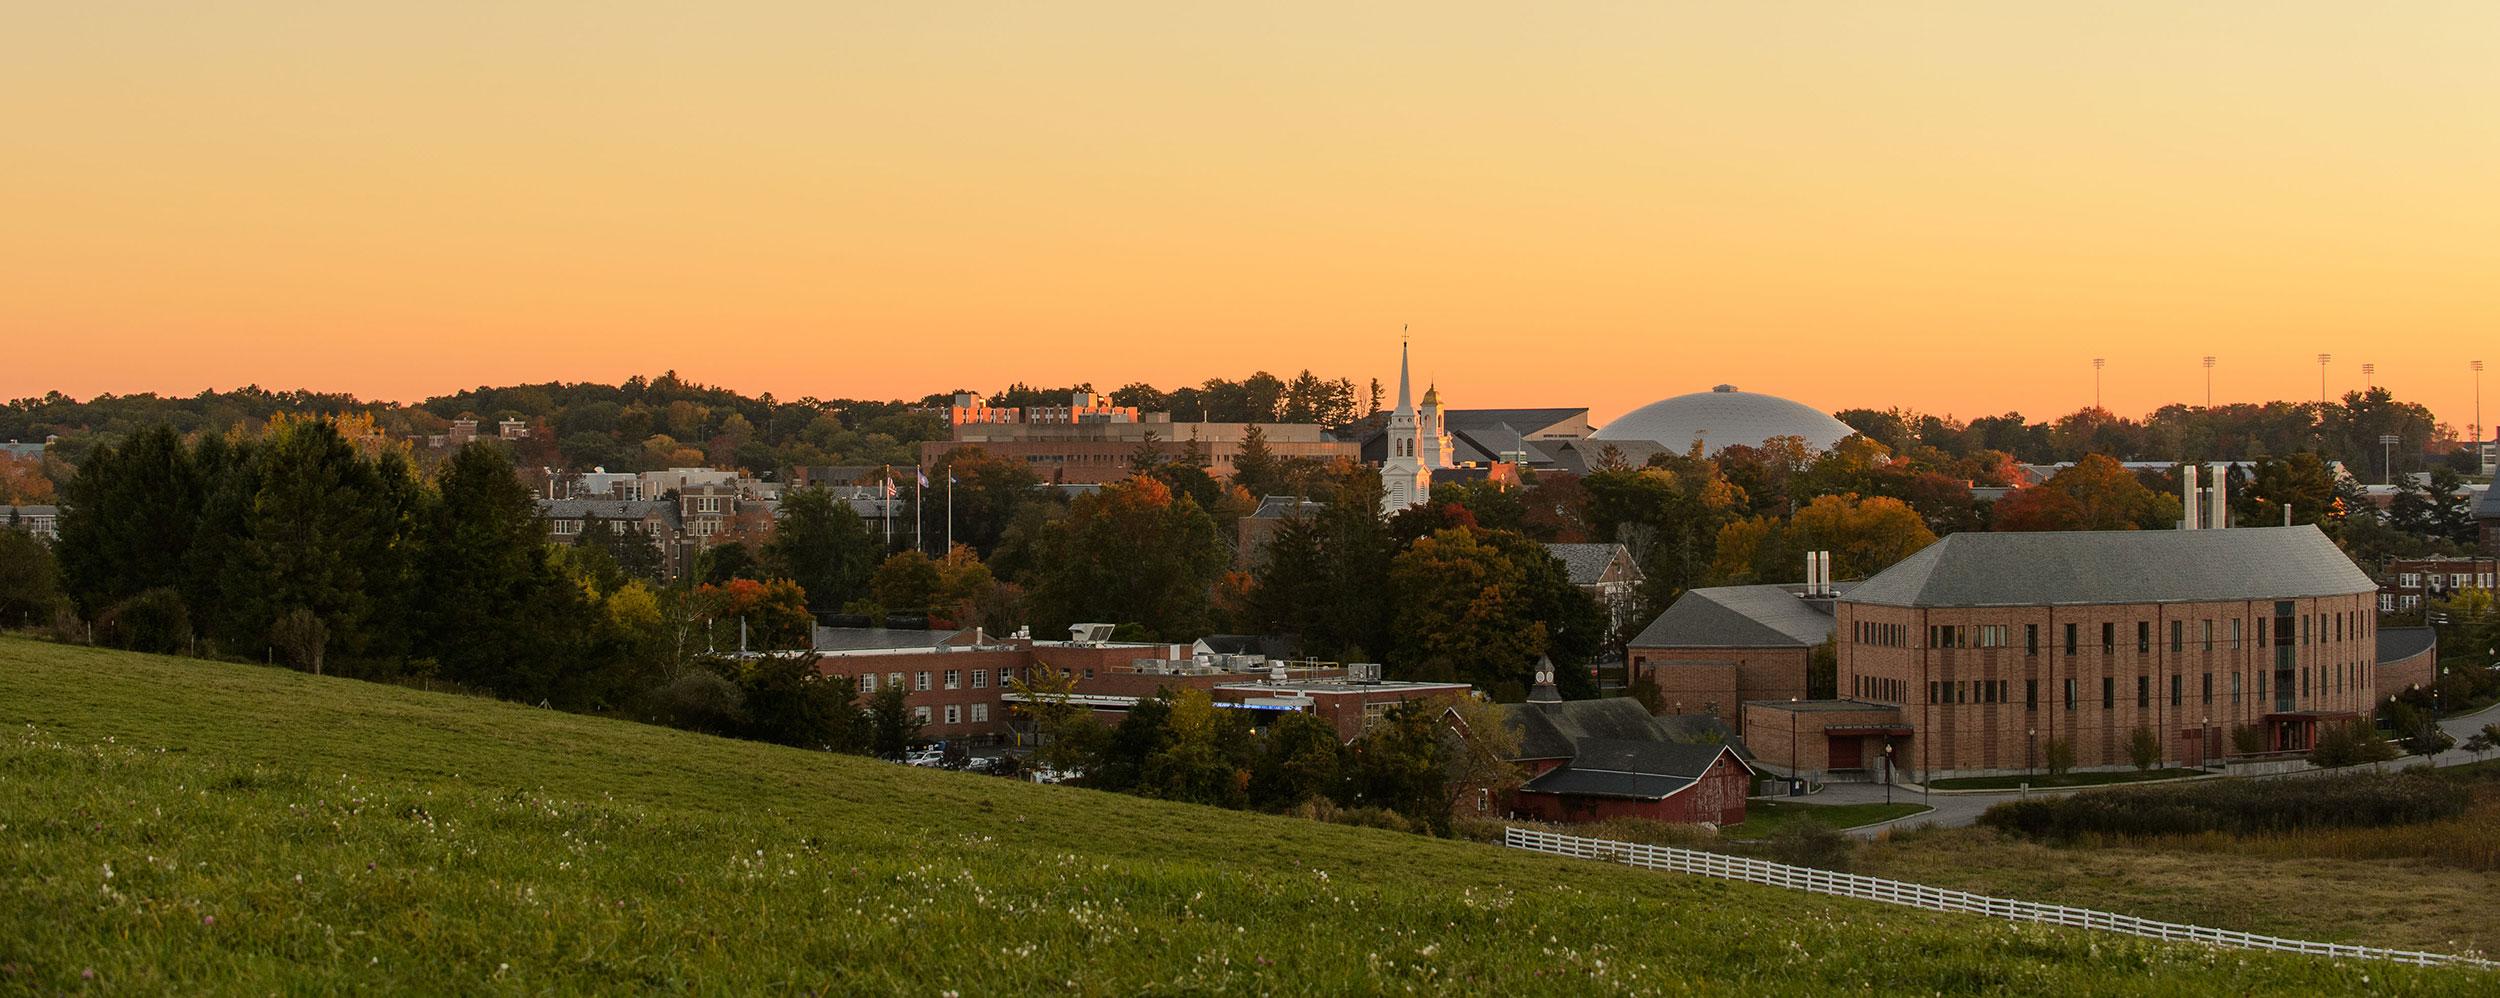 UConn Storrs Skyline